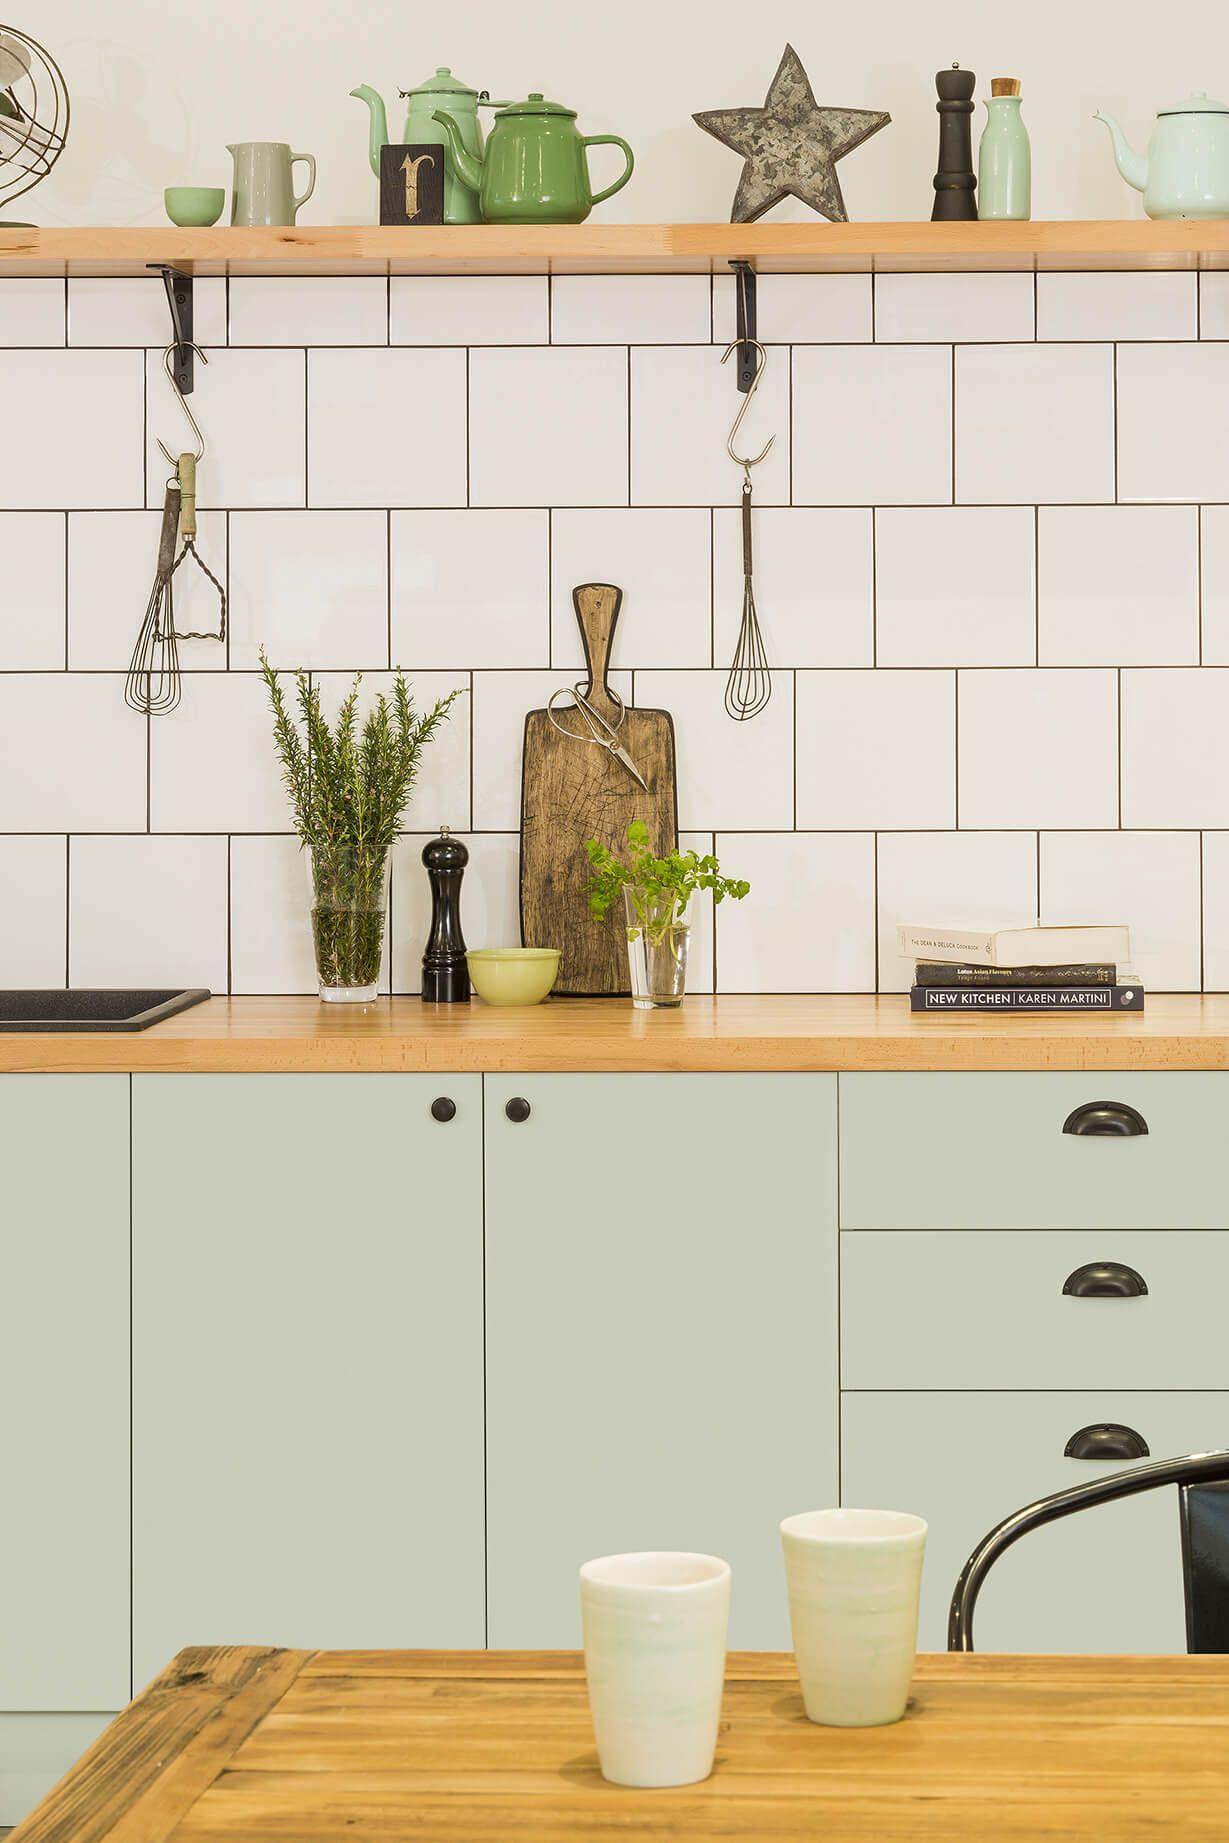 Retro style kaboodle kitchen Kitchen redo, Kaboodle